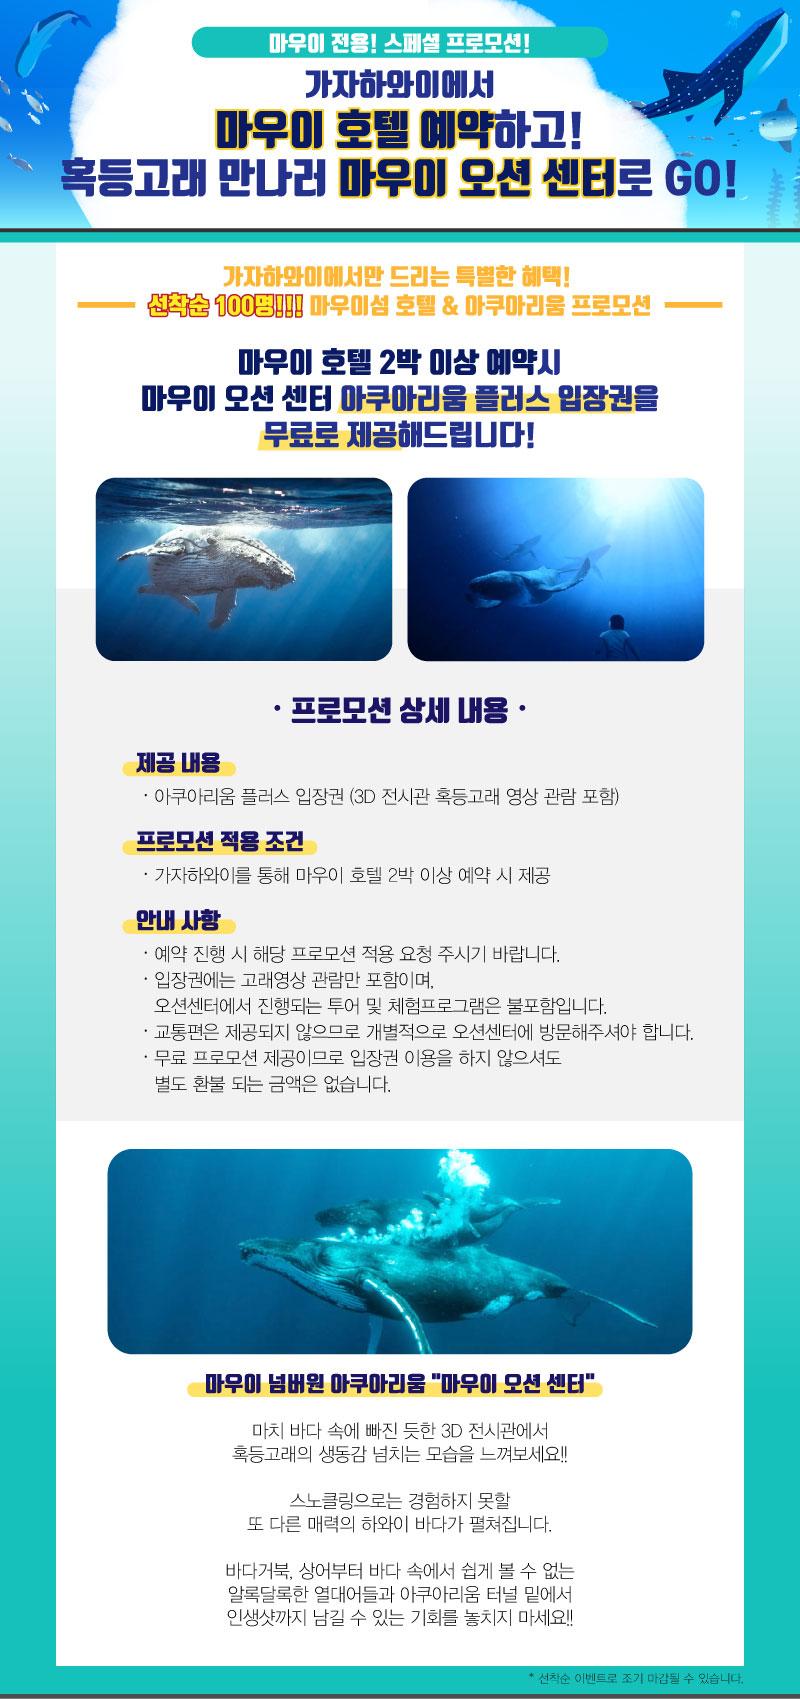 마우이 호텔 2박 예약시 마우이 오션 센터 아쿠아리움 플러스 입장권 무료 증정!